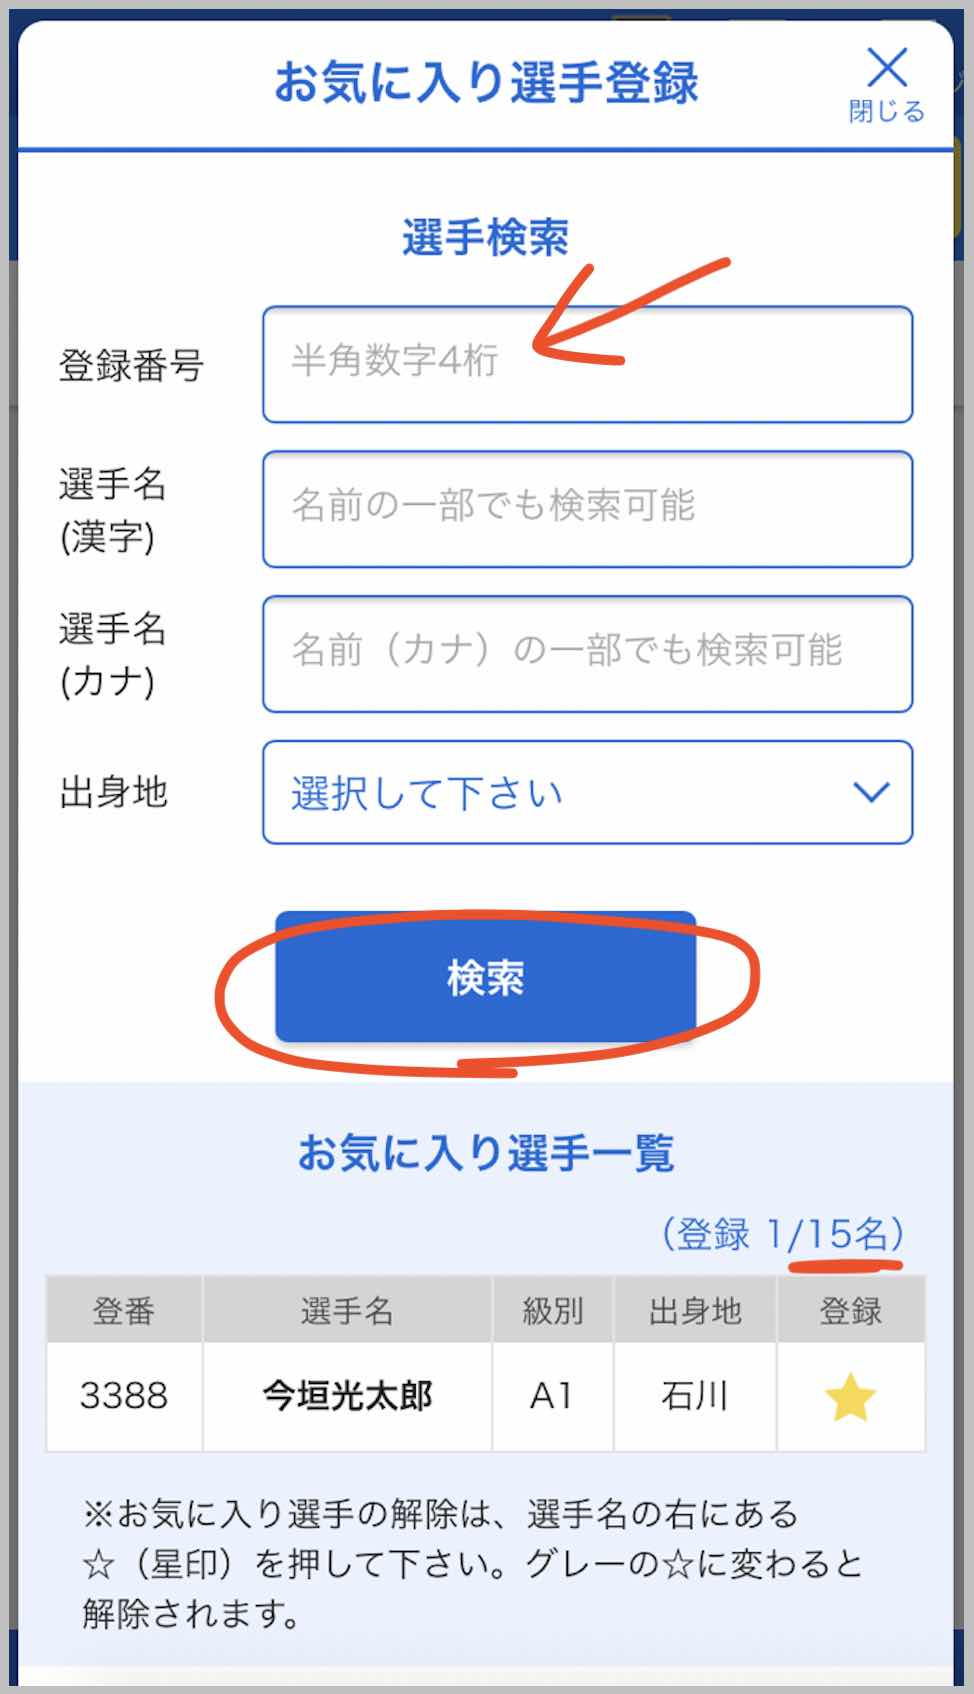 競艇ボートレースの舟券をネットで買う、競艇ボートレース投票サイトでお気に入り選手の登録で検索